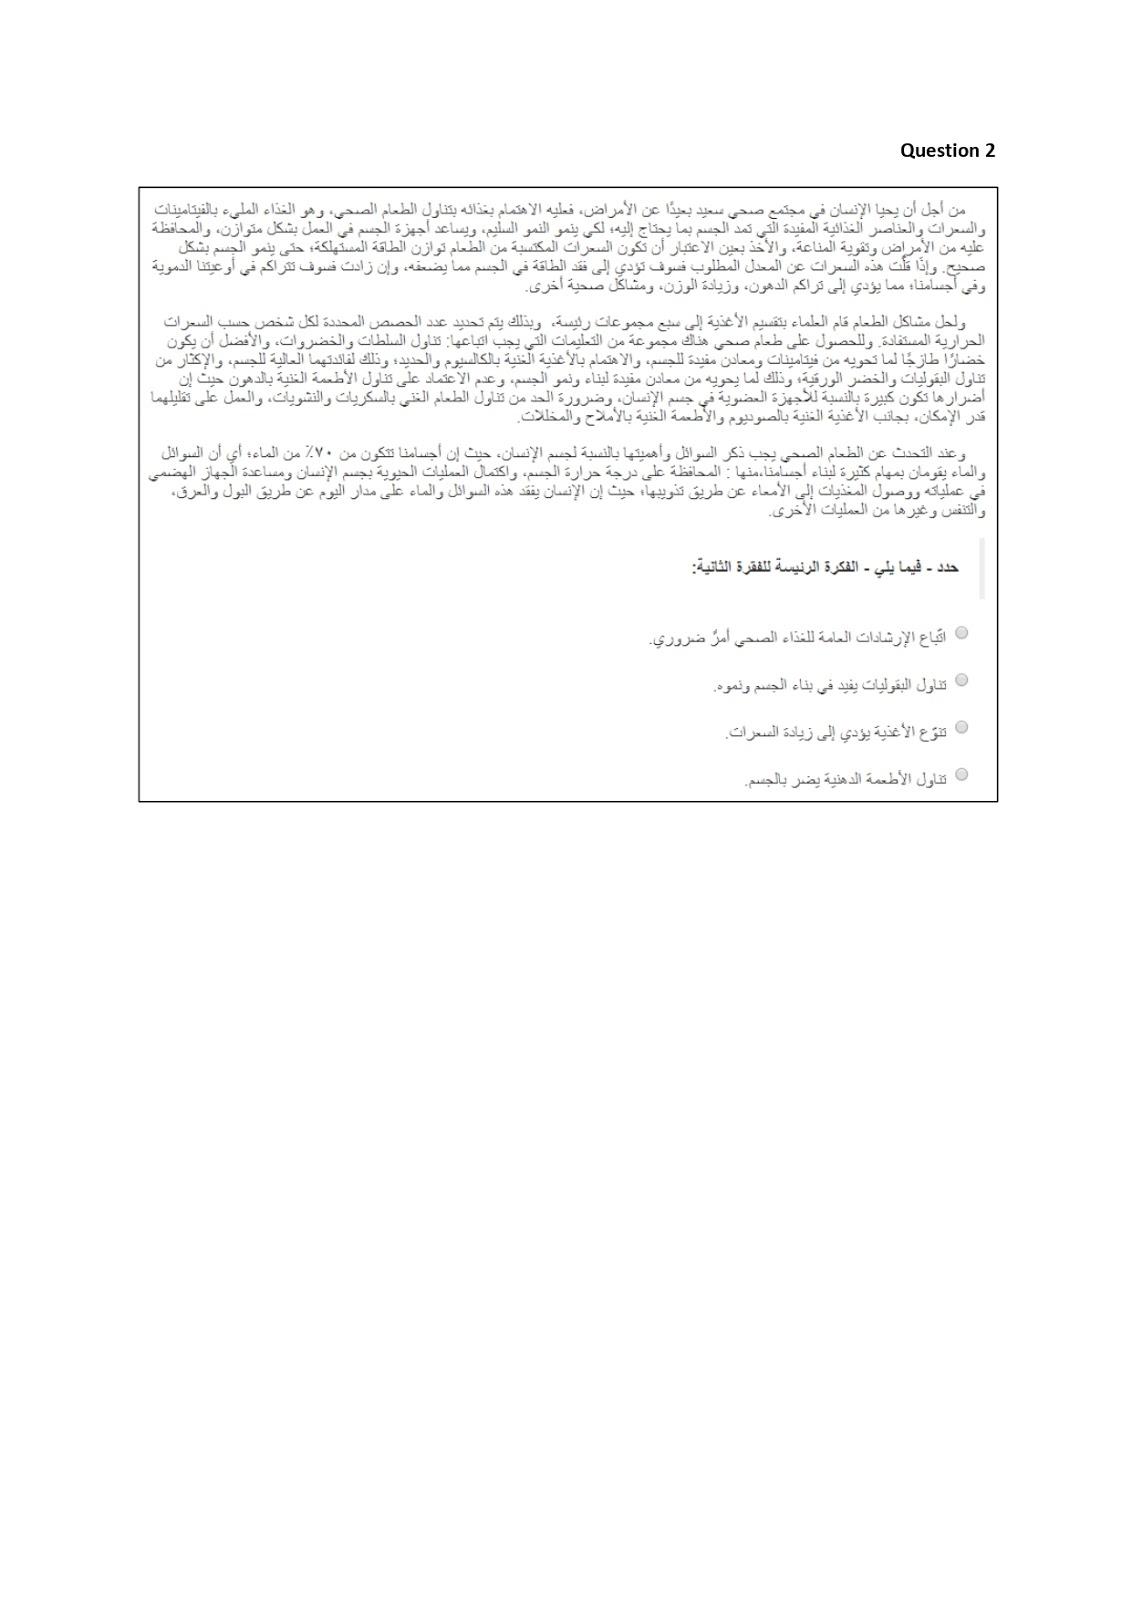 تحميل اختبار اللغة العربية للصف الاول الثانوى 2019